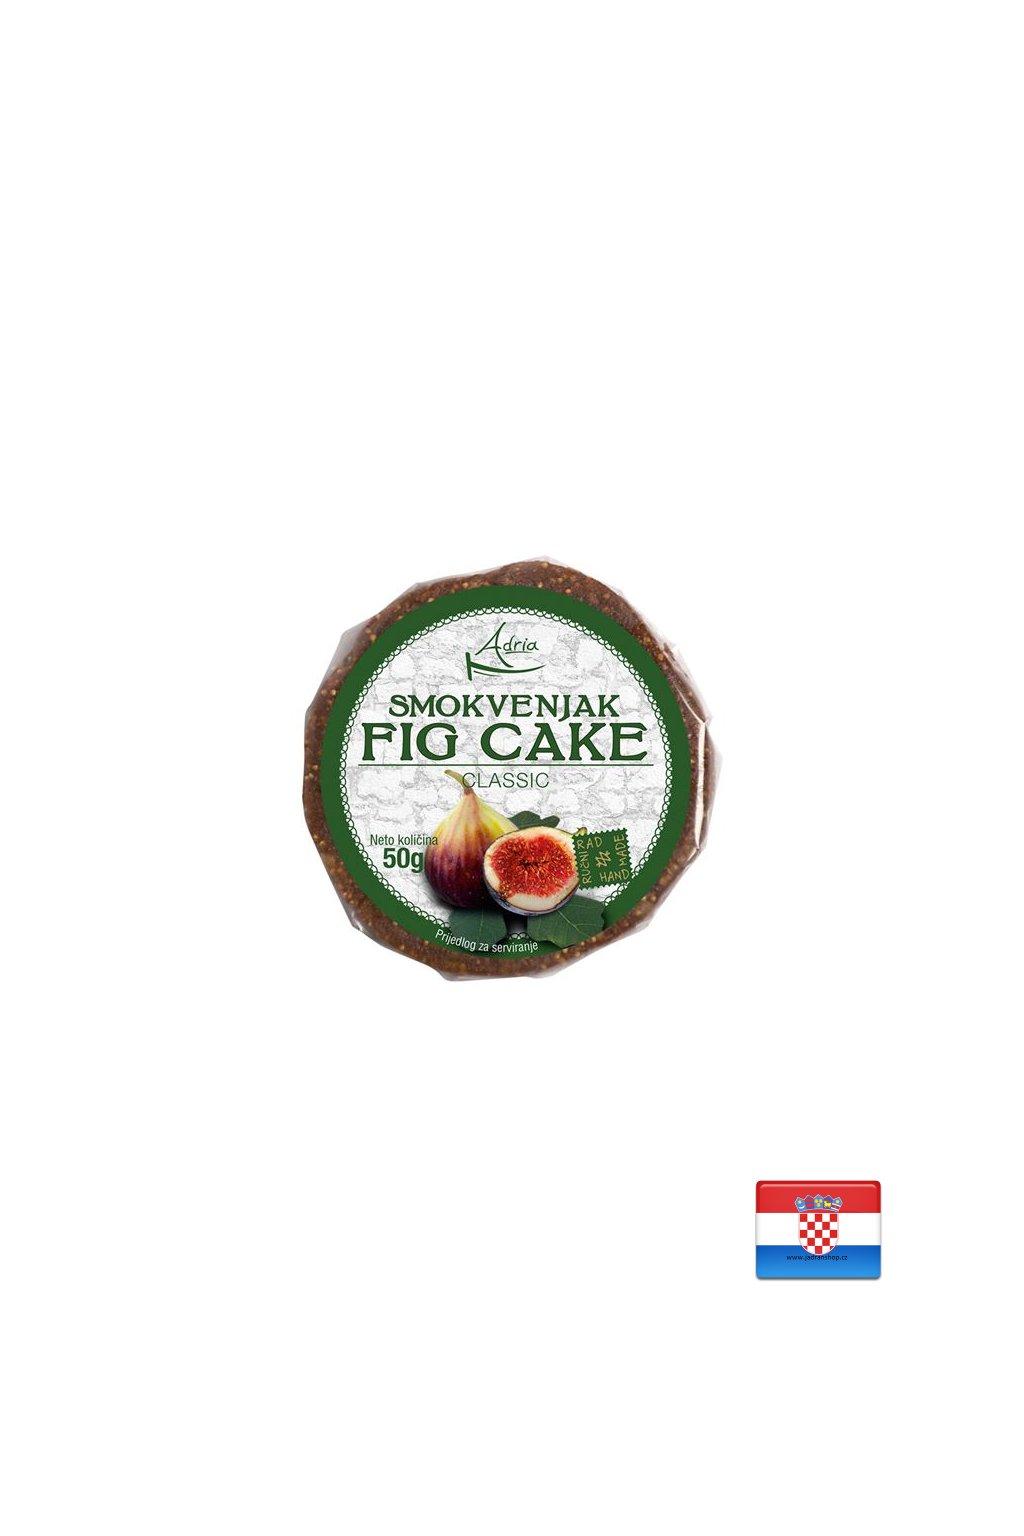 Ciasto Figowe Oryginał 50g (hand made)